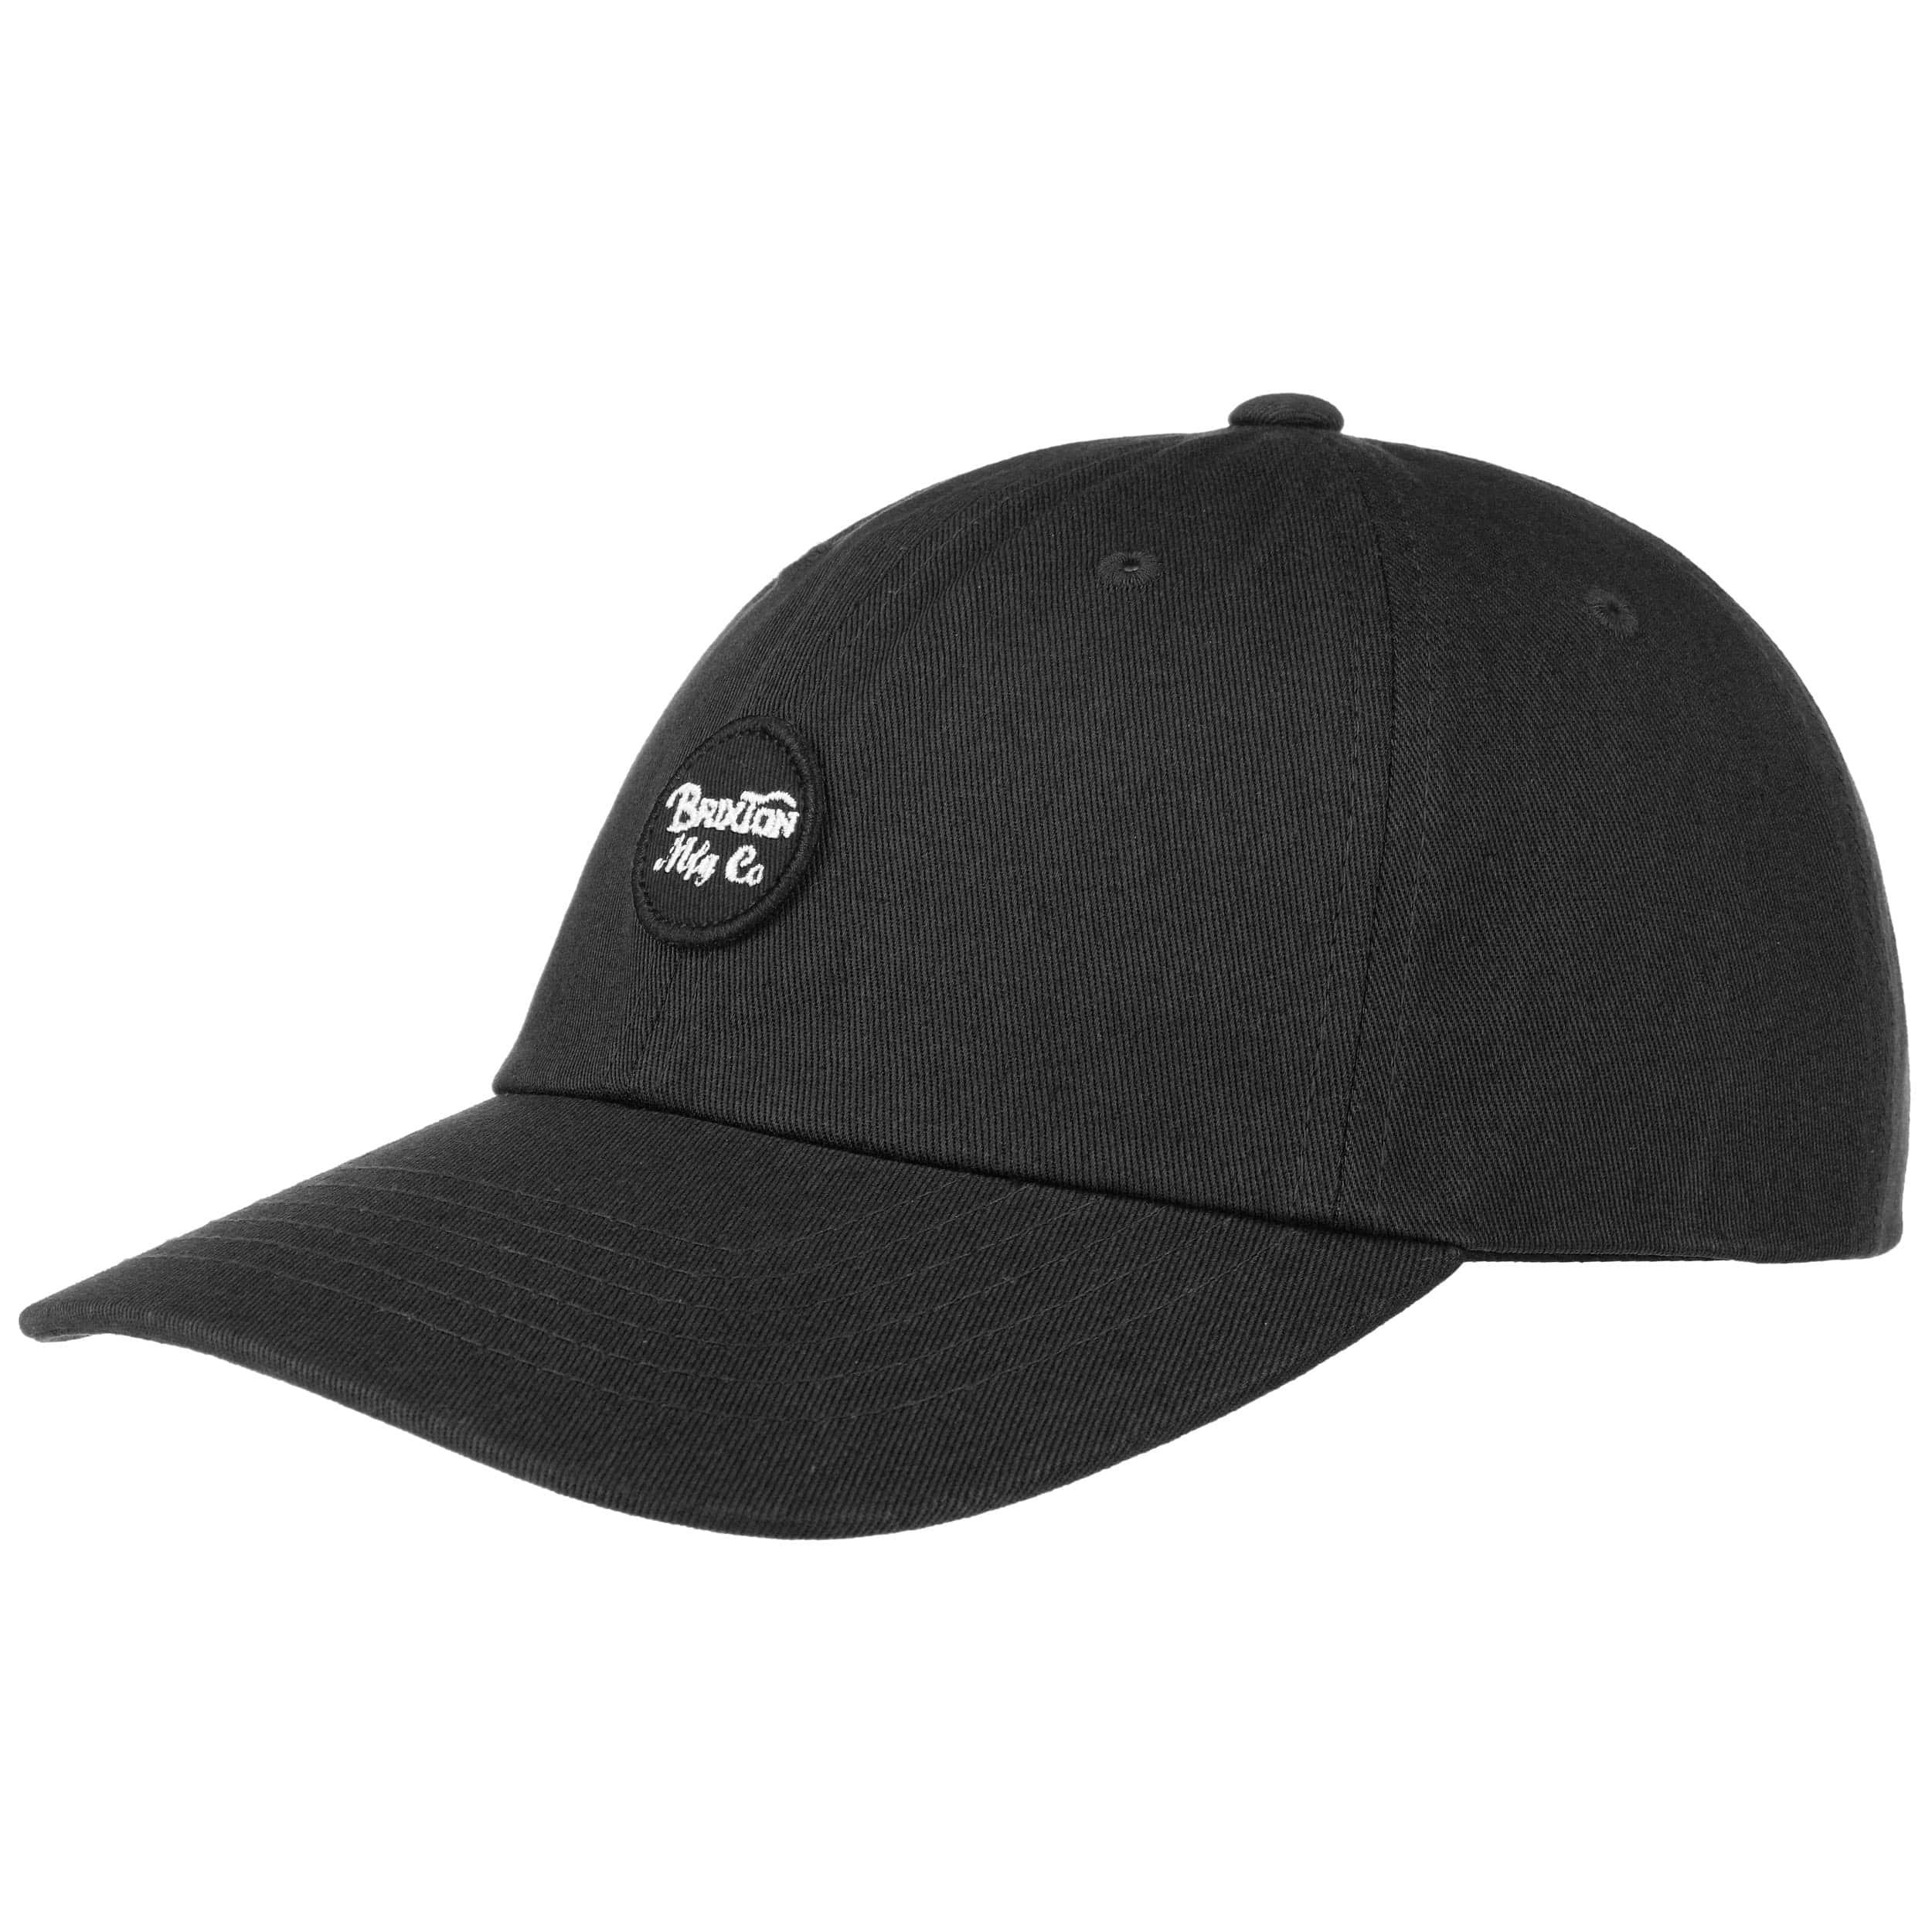 ... sweden mfg. co. strapback cap by brixton black 5 2701b 78a07 ... 803a151c2887